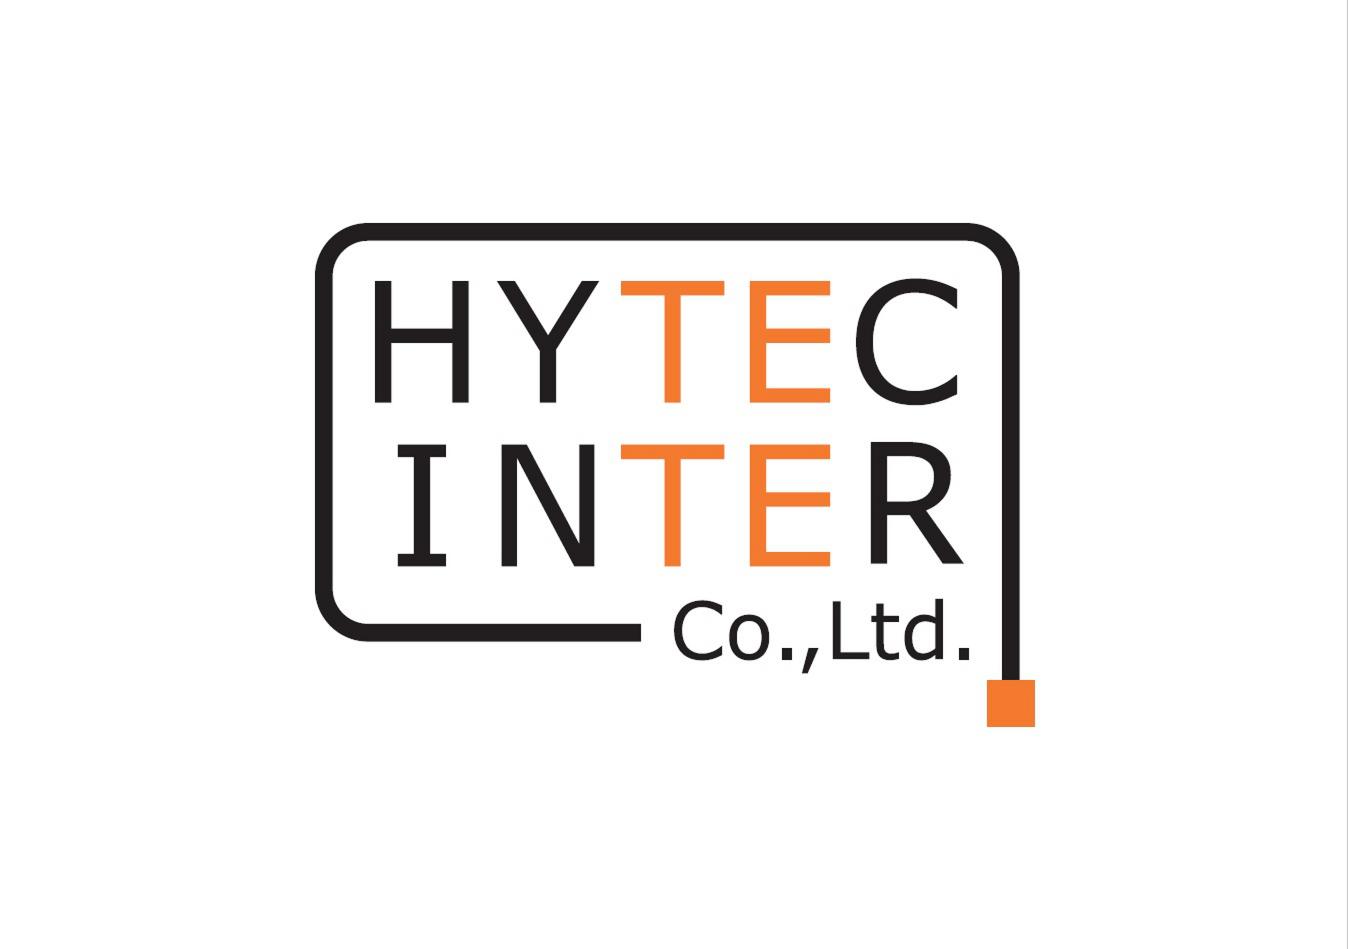 Hytec Inter Co. Ltd.